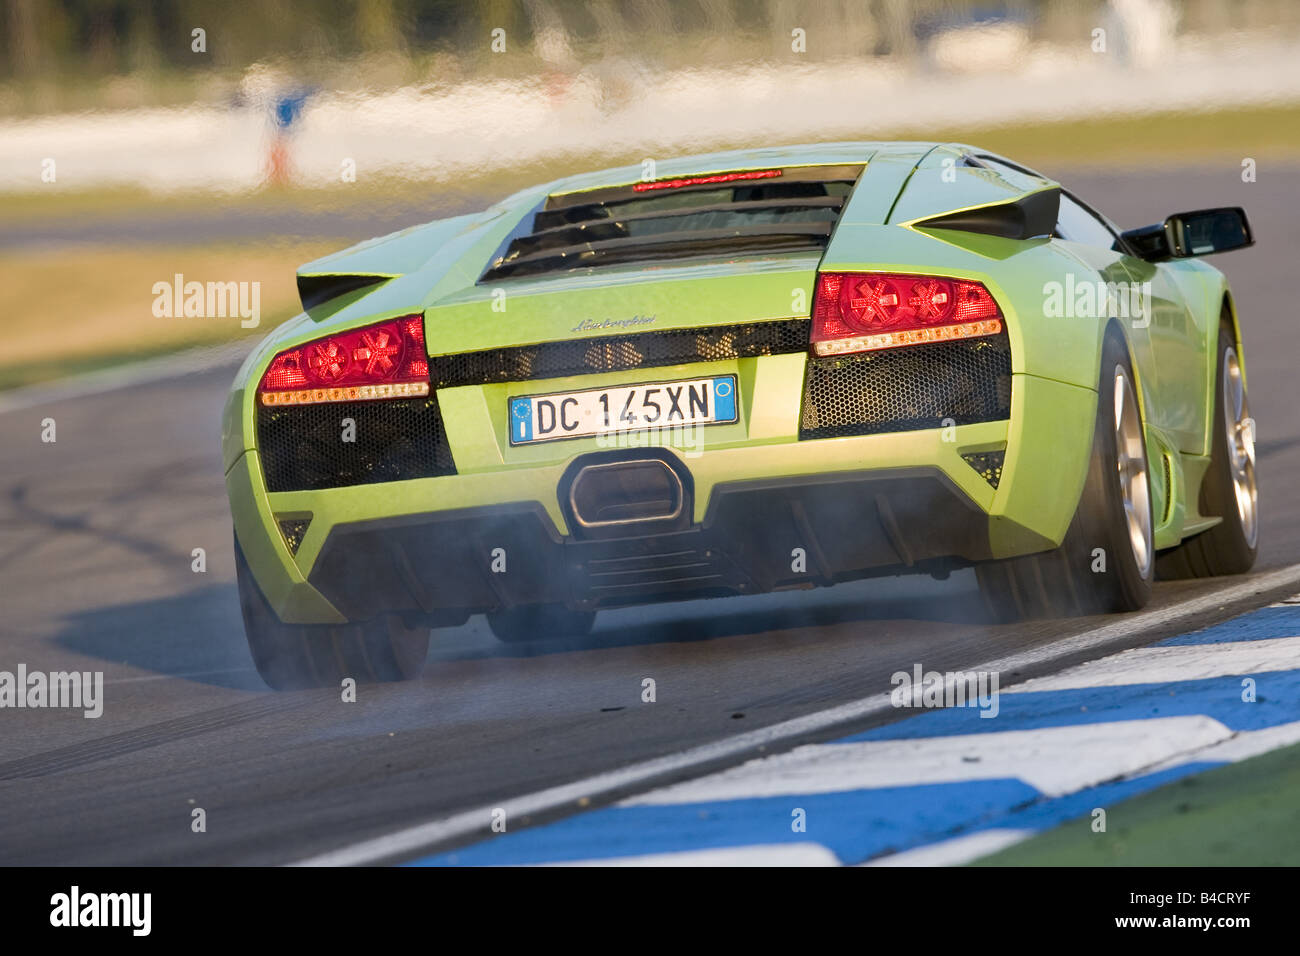 Lamborghini Murcielago Lp 640 Model Year 2006 Green Driving